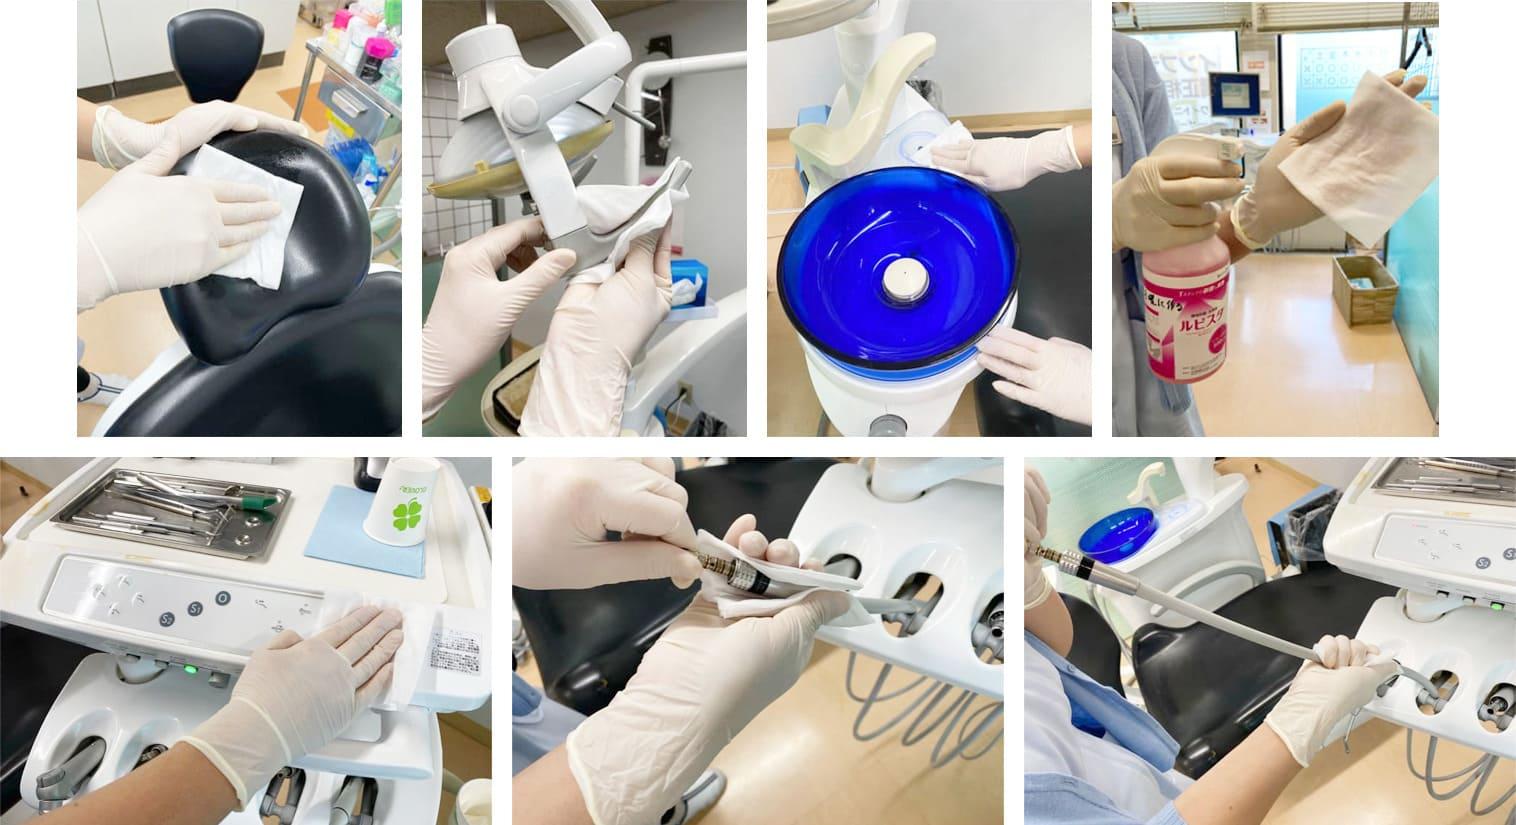 市川市 南行徳 ソコラ南行徳店 ココロ南行徳歯科クリニック 新型コロナウイルス対策 使用後のユニット(患者様が座るイスや、ライト、サイドテーブル、バキュームホースなど)について